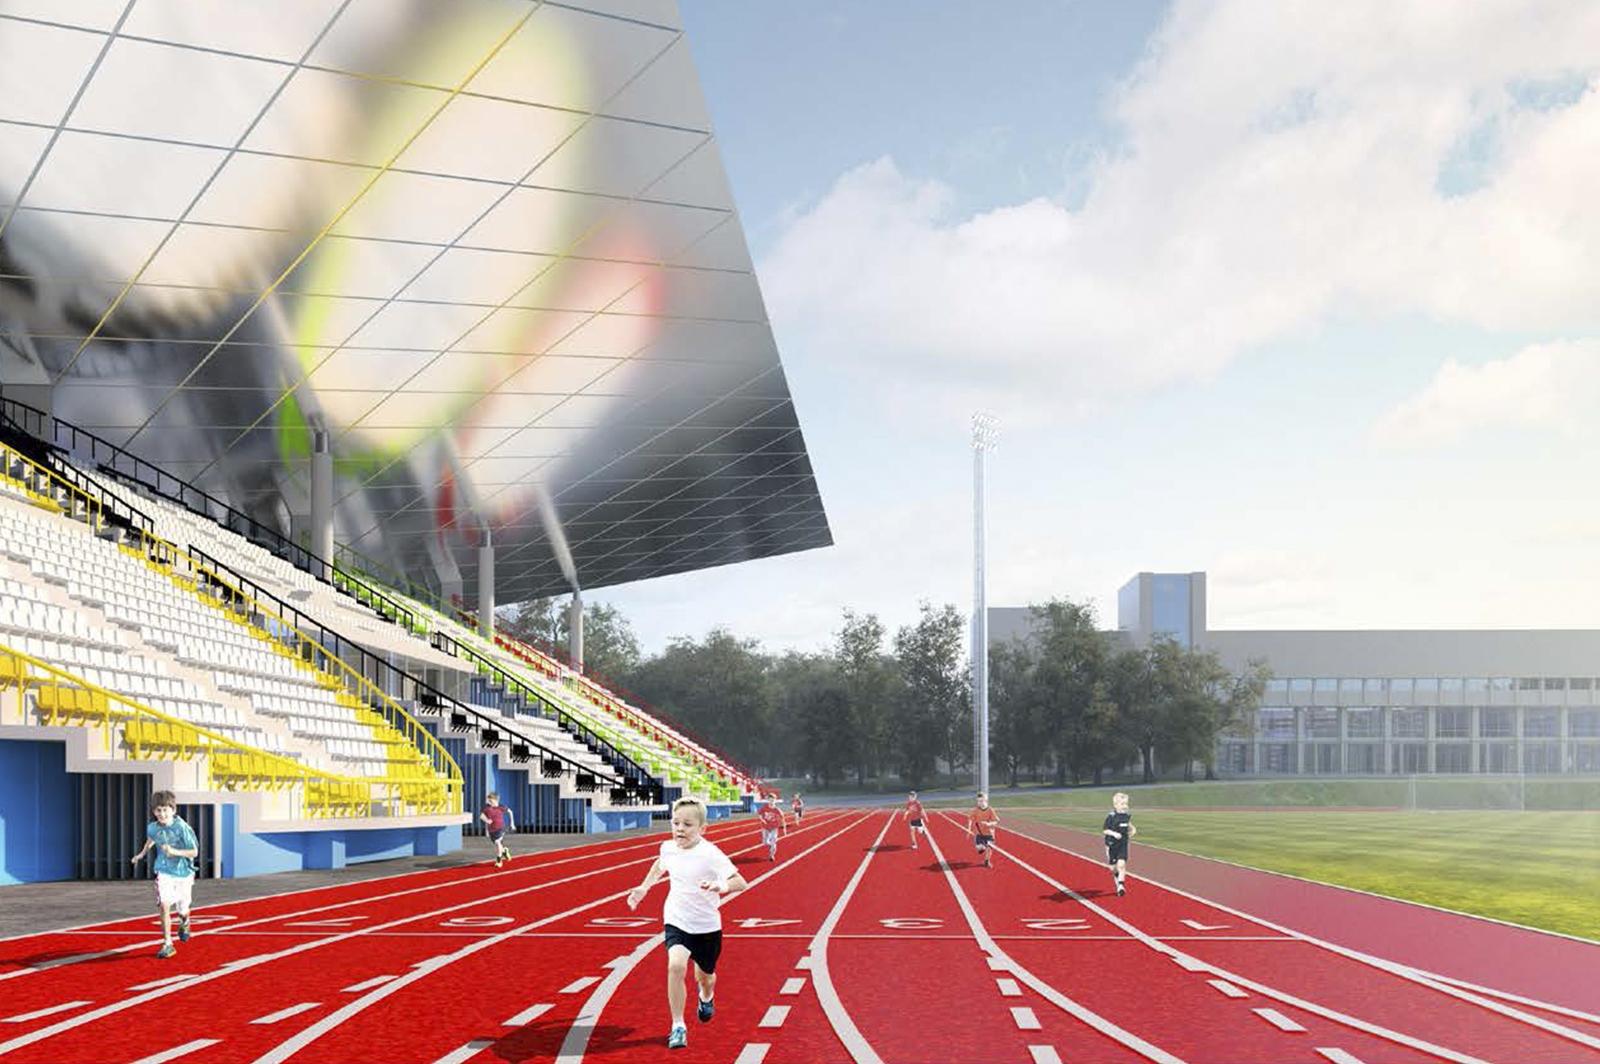 Обновленный стадион «Москвич» на юго-востоке Москвы откроется в 2021 году